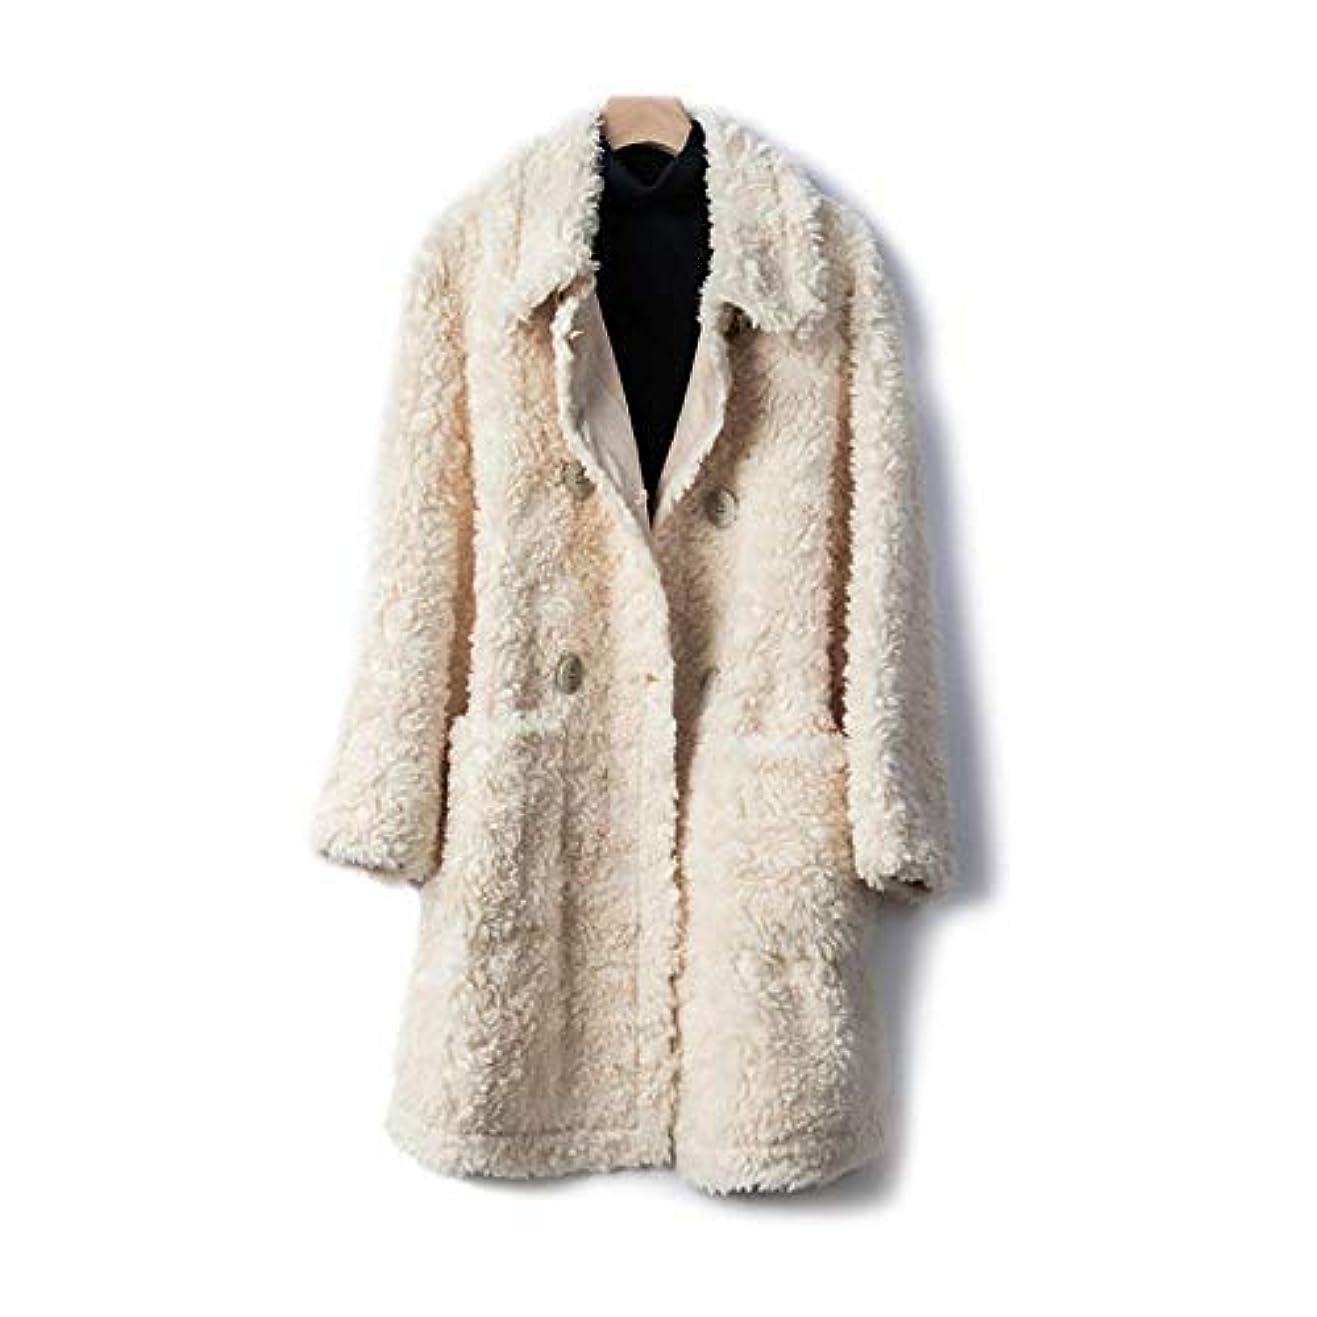 パッケージ売り手エアコンウールコート、ダブルブレストウールコートコート19秋と冬婦人服婦人ジャケット婦人コート婦人ウインドブレーカージャケット,D,M